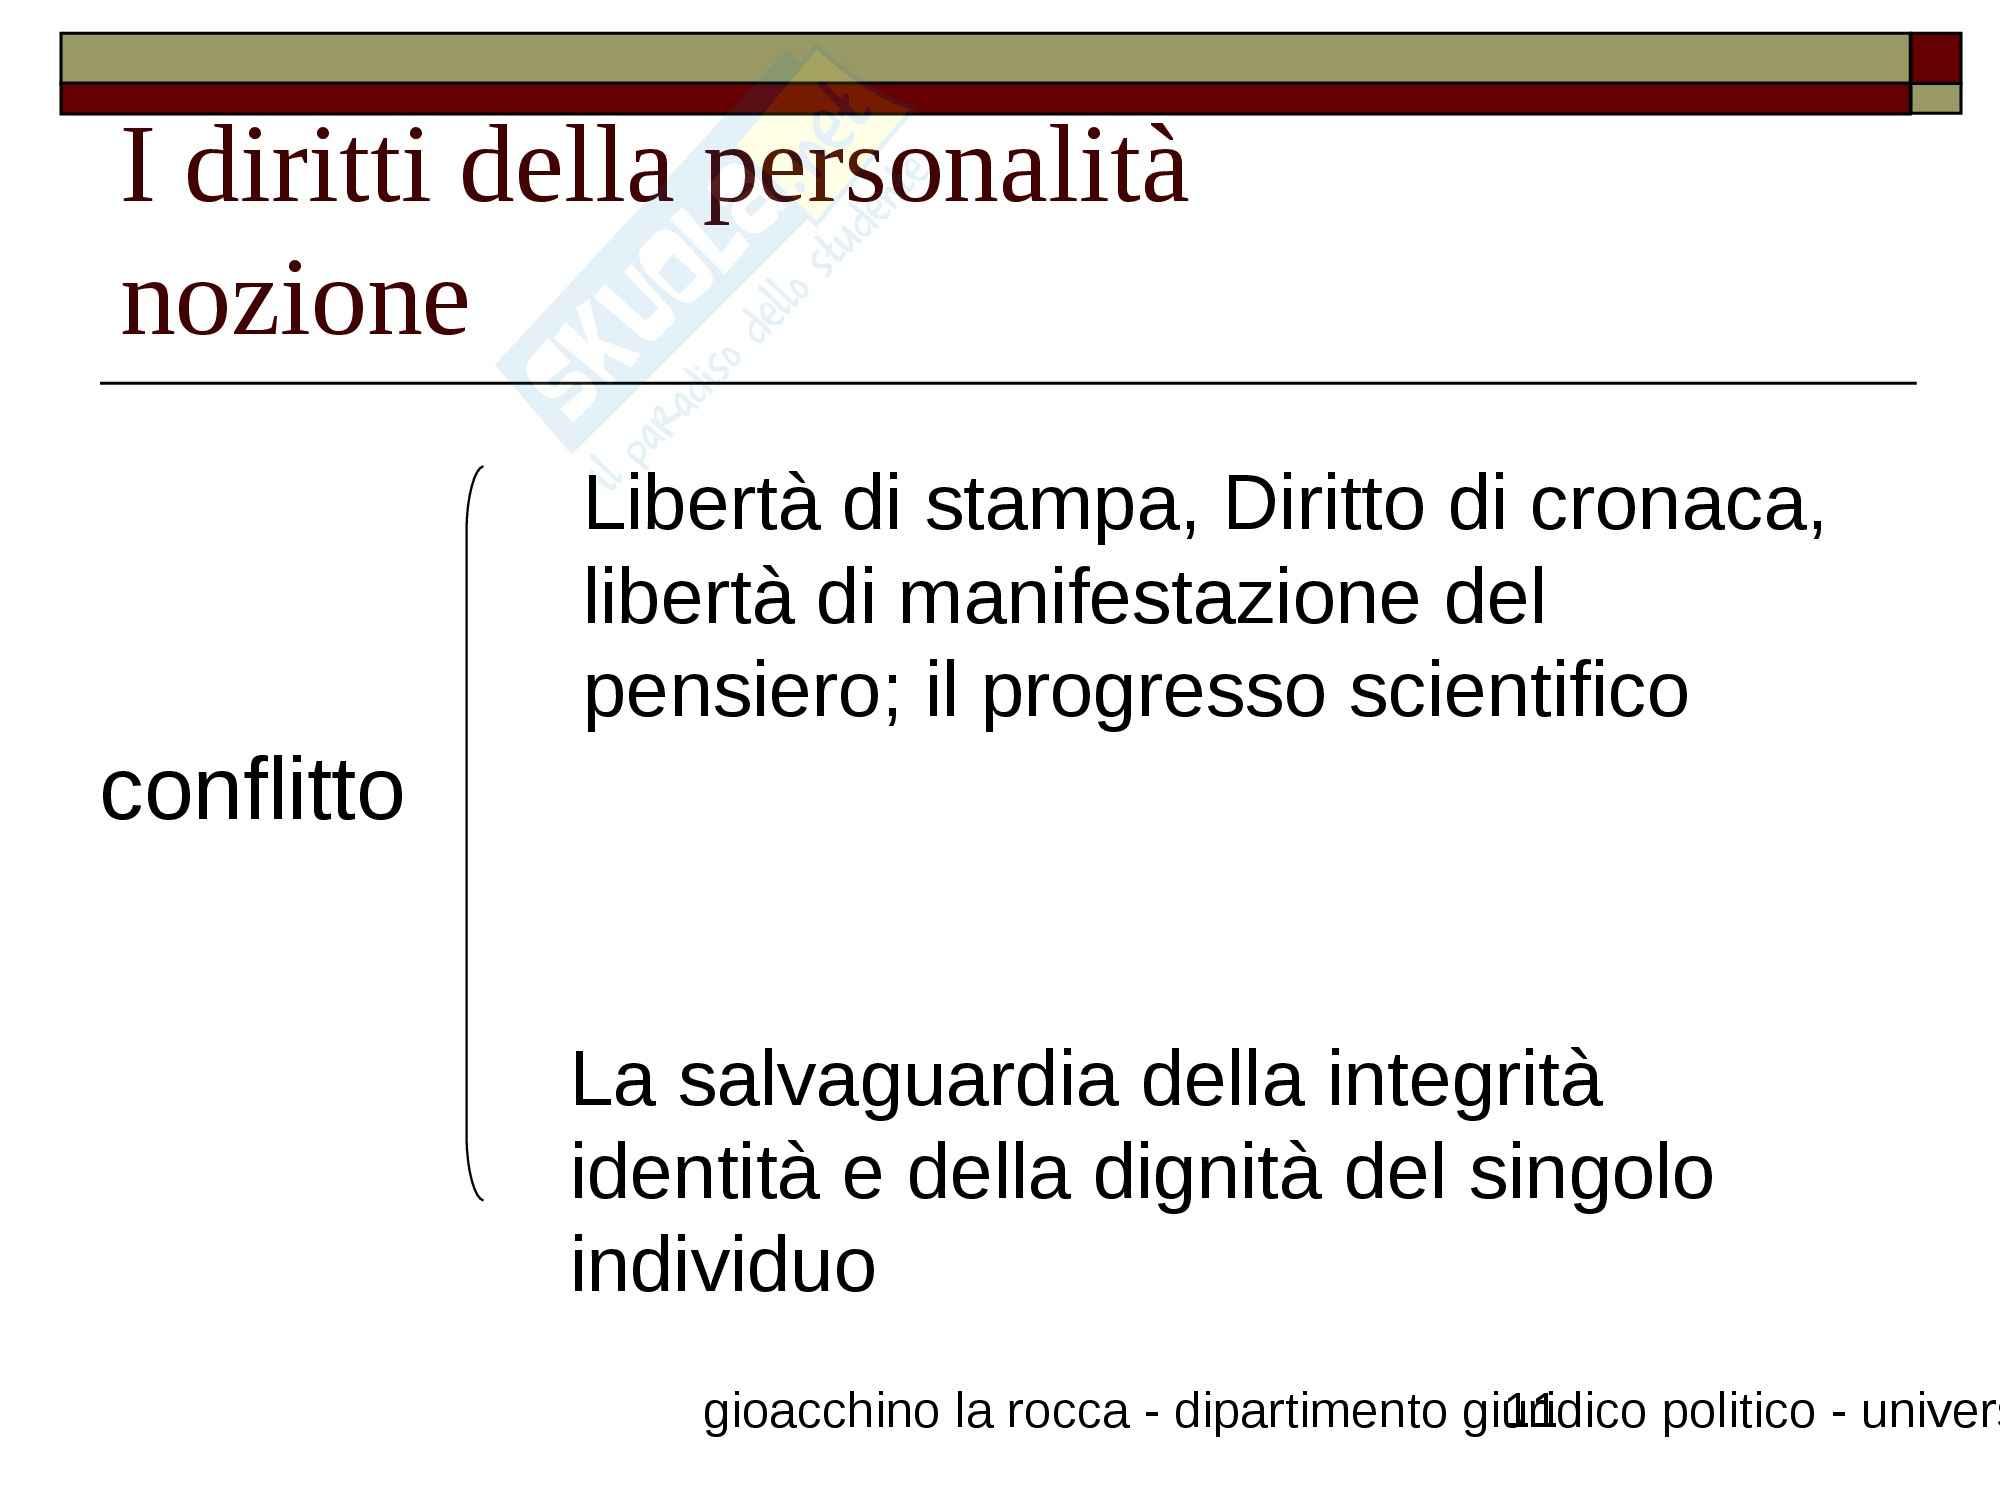 Diritti della personalità Pag. 11